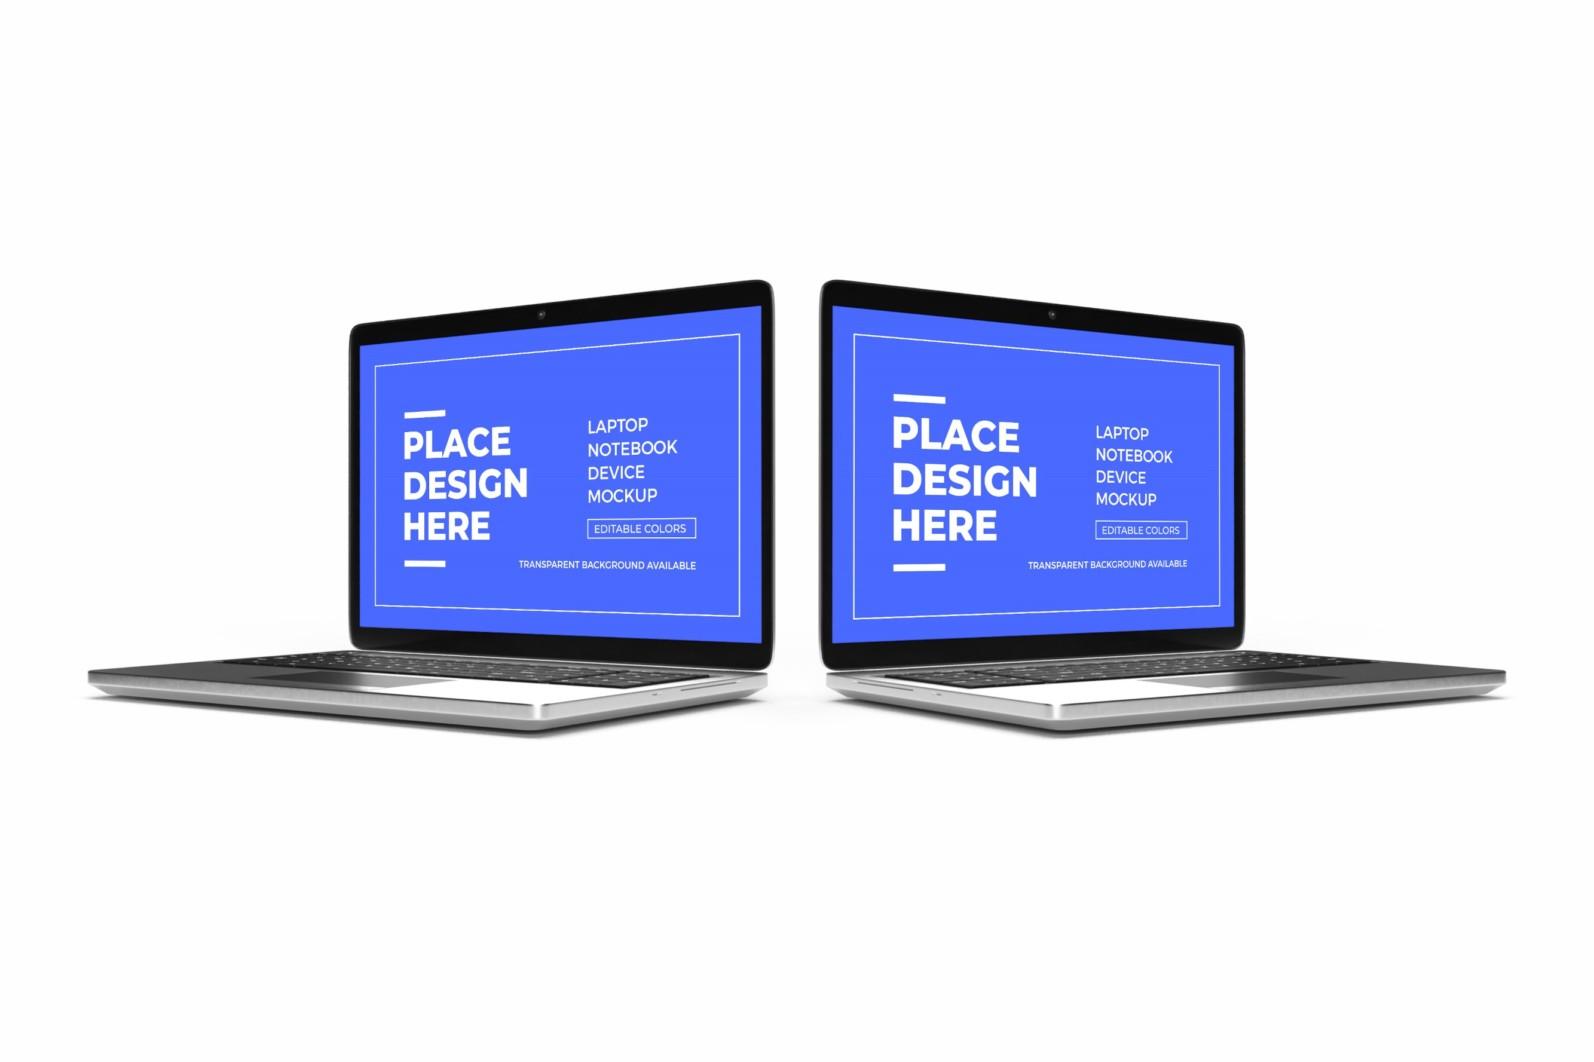 Laptop Notebook Device 3D Mockup Bundle 2 - 02 2 13 scaled -